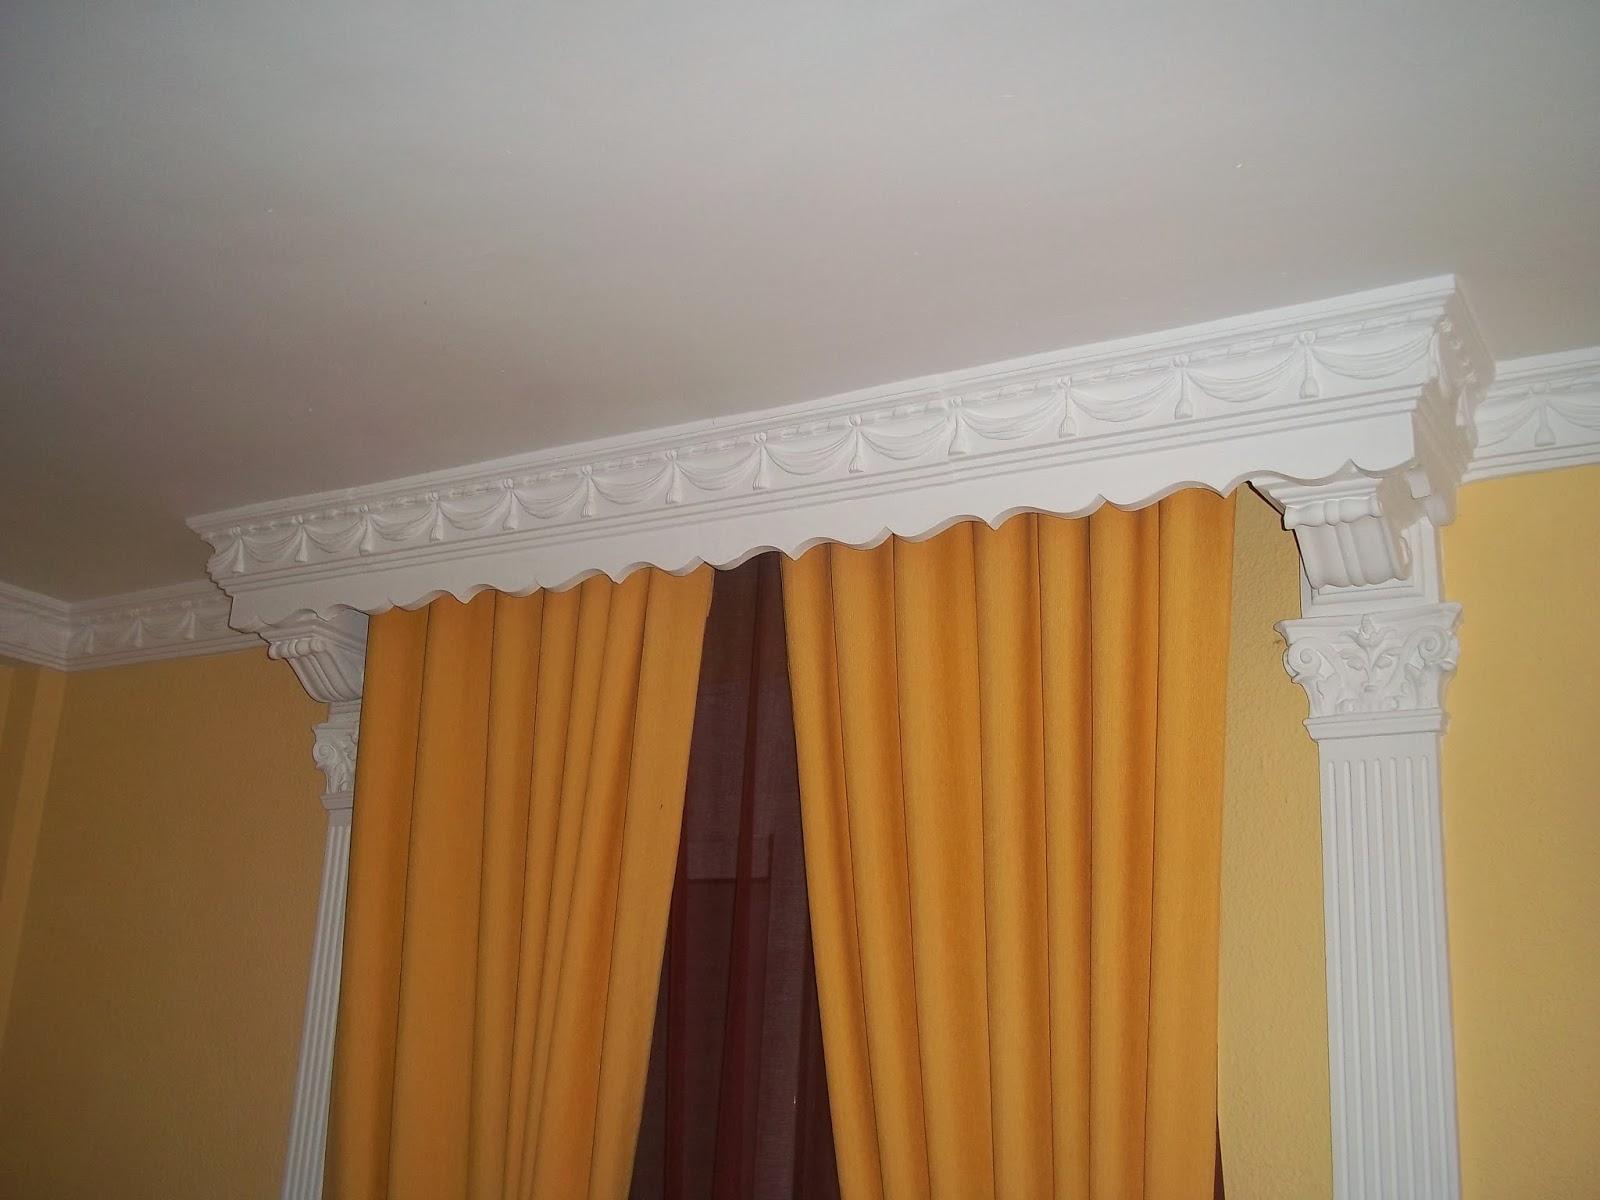 Reformas y construcciones enrique guerrero cortineros for Molduras para techo